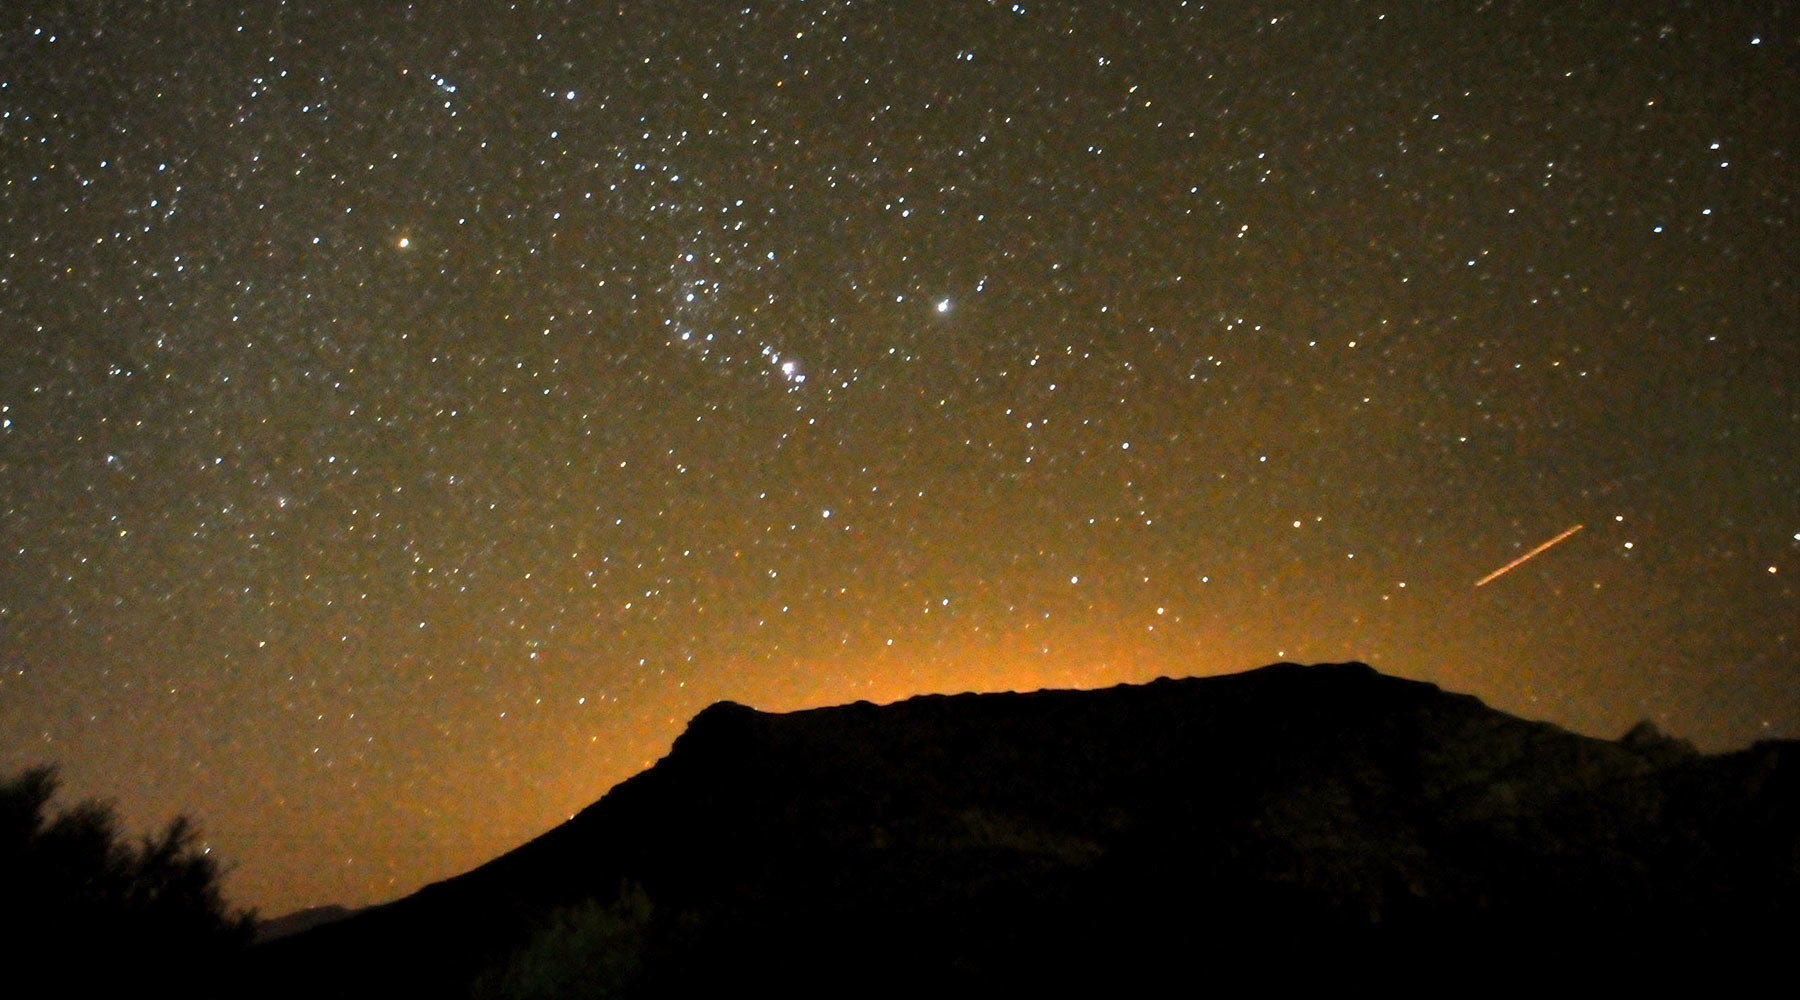 В первый день Нового года земляне смогут увидеть суперлуну